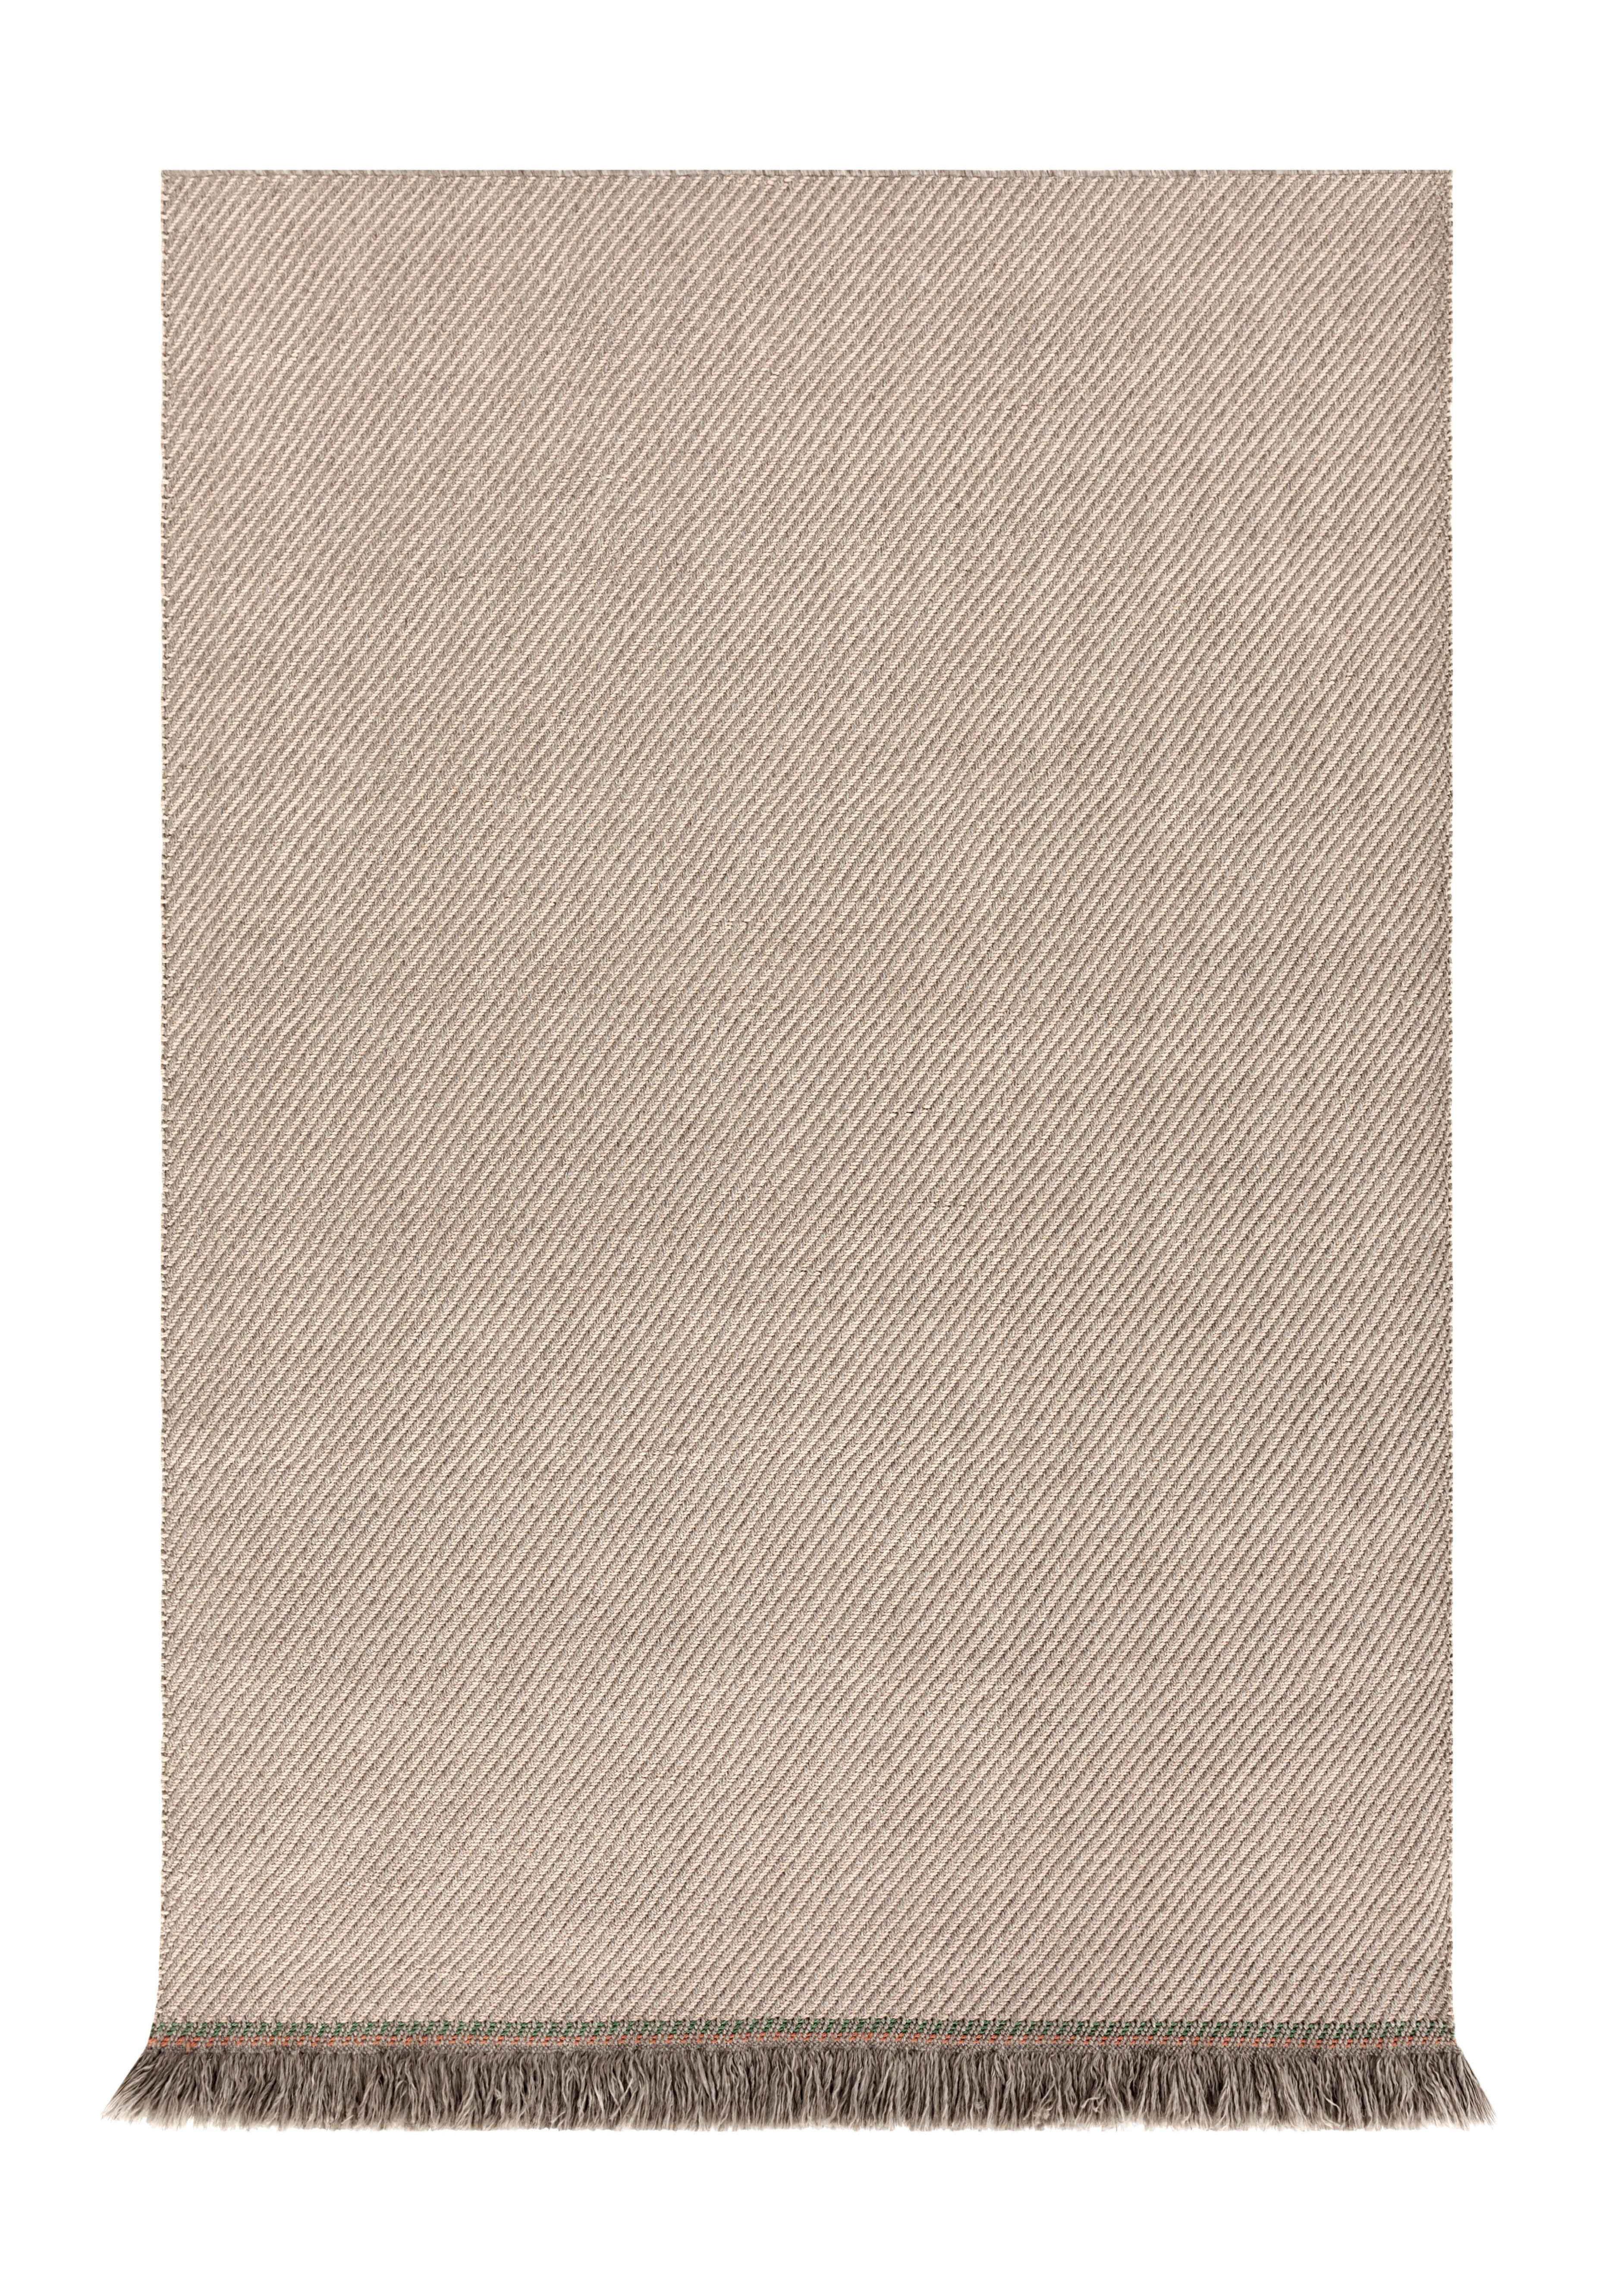 Dekoration - Teppiche - Garden Layers Teppich / 180 x 240 cm - Gan - Diagonale Linien / mandel- & elfenbeinfarben - Polypropylen